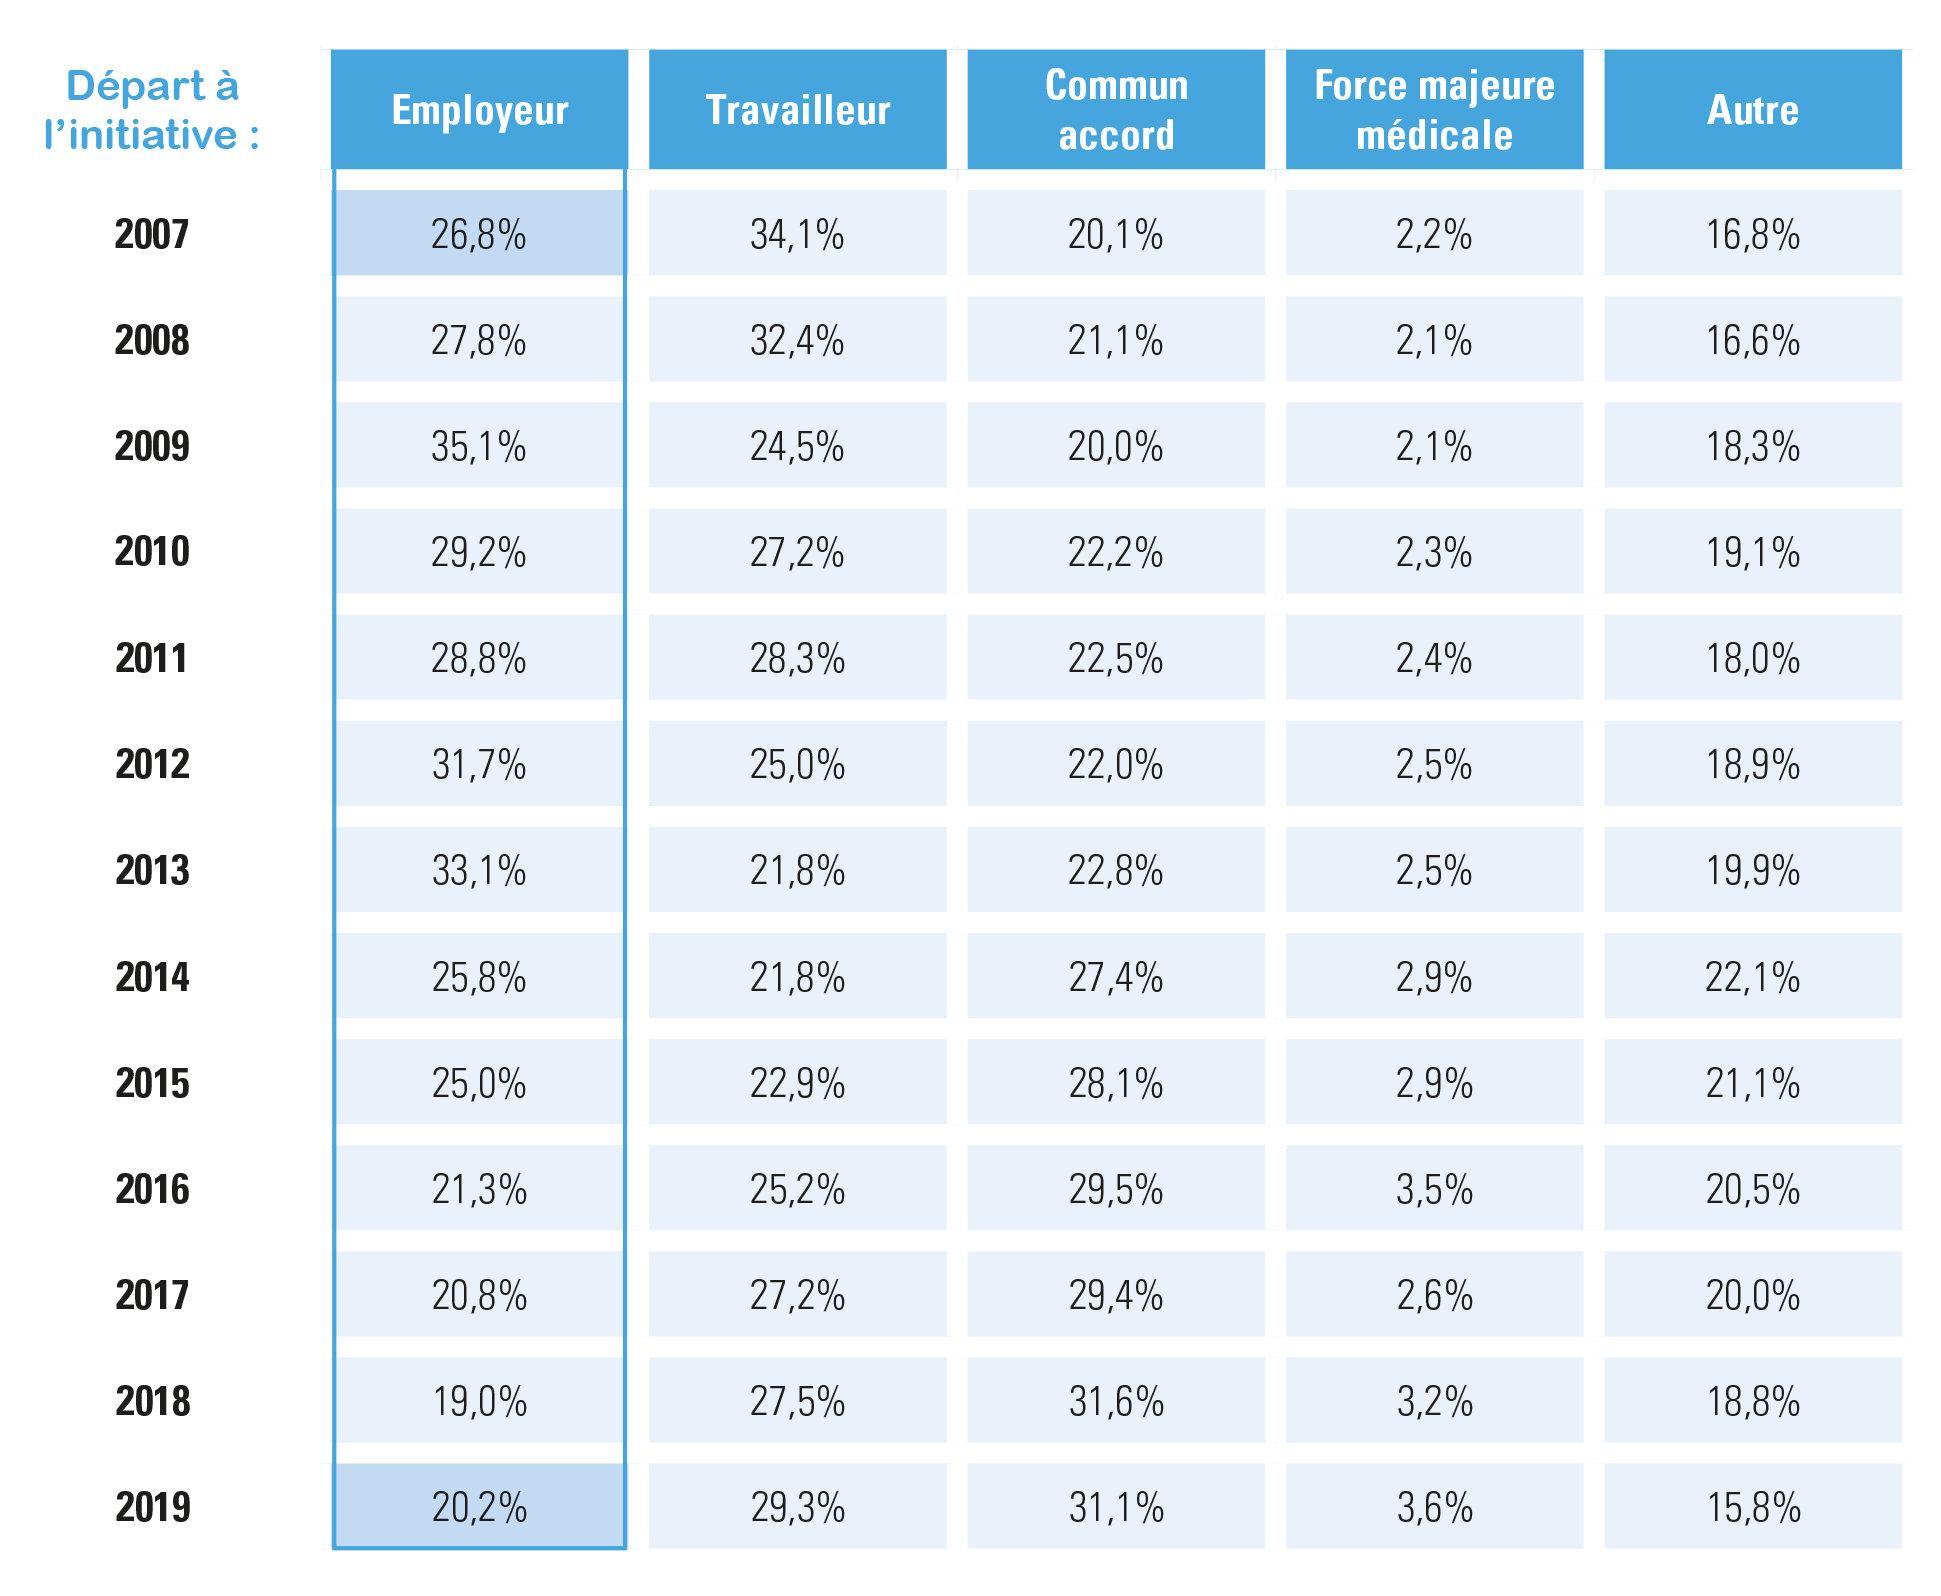 fin des contrats à durée indéterminée, répartition selon le motif de départ, évolution 2007-2019